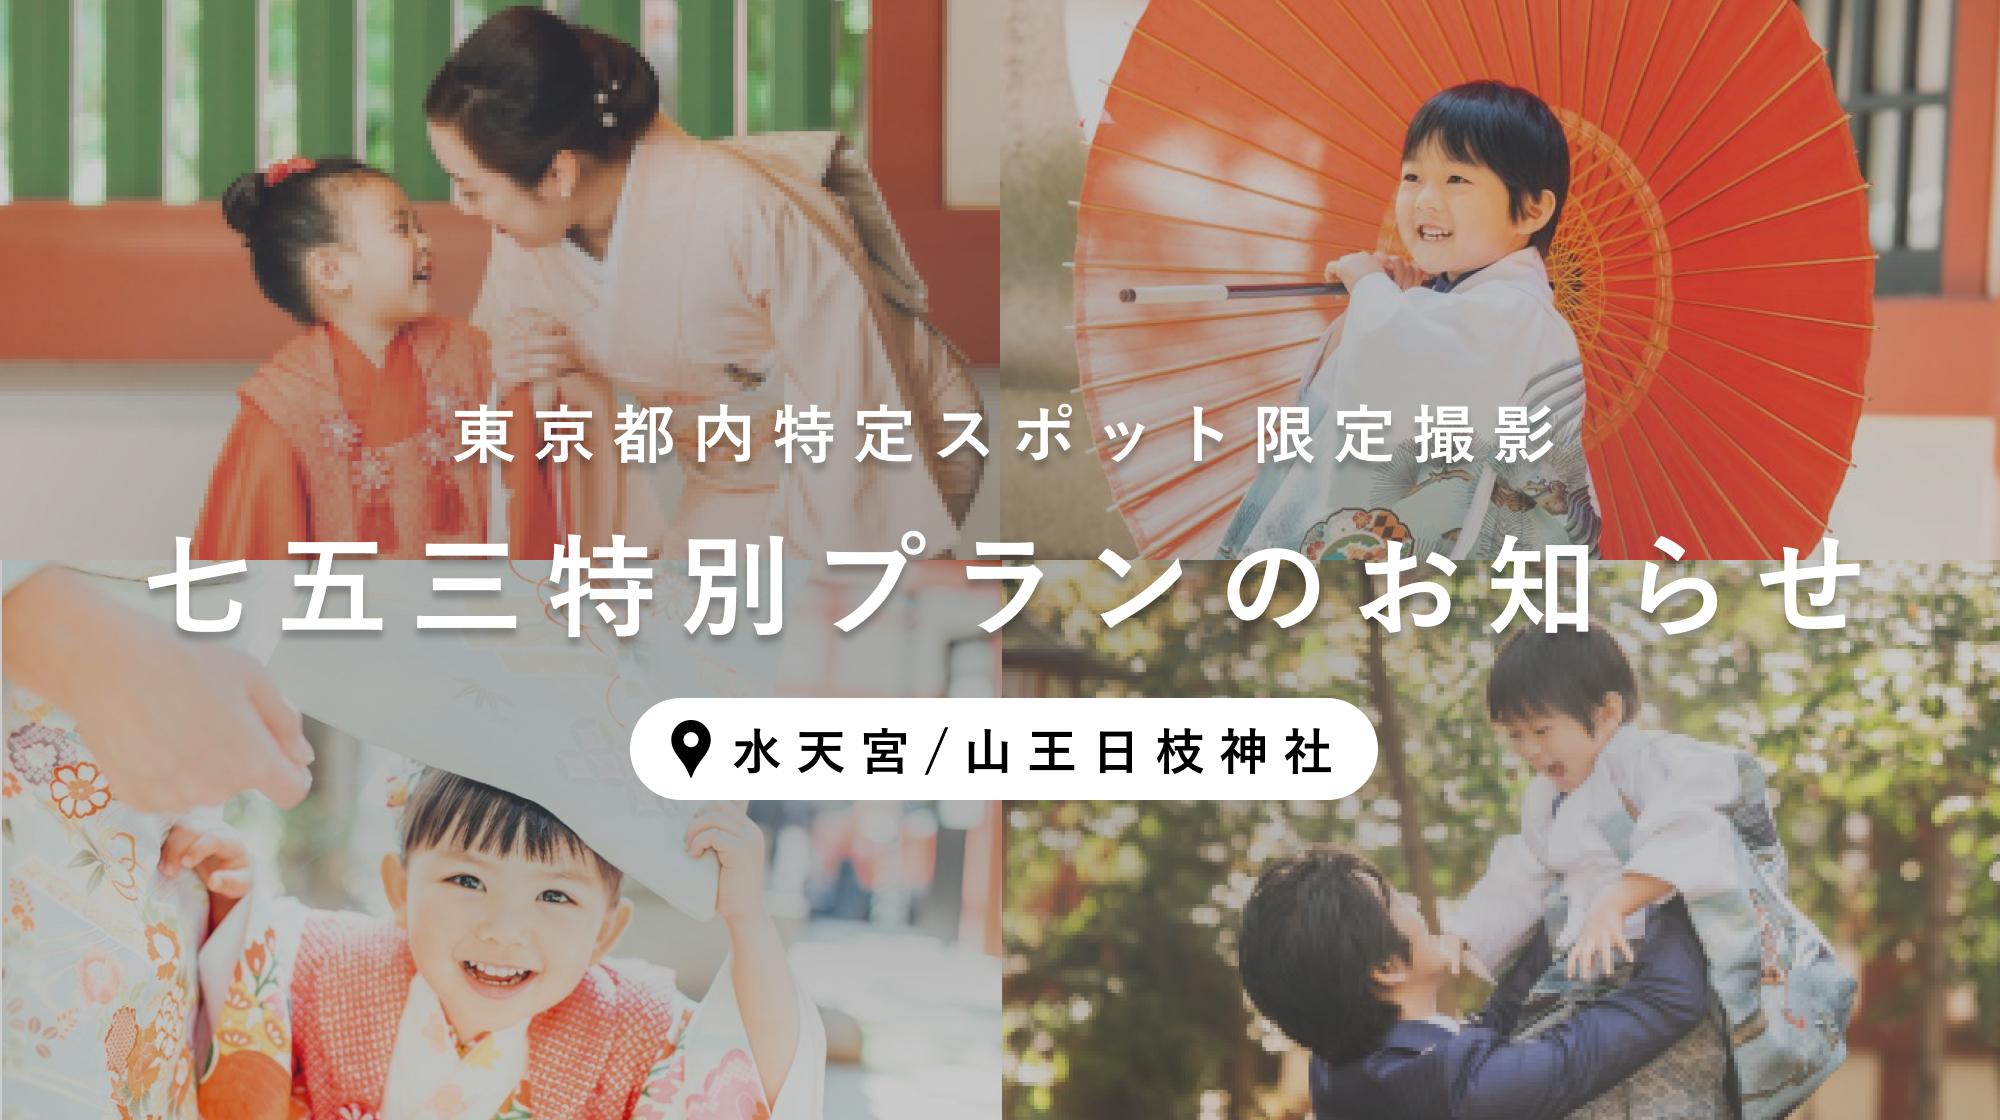 【七五三期間限定】東京水天宮/日枝神社 特別撮影プランのお知らせ